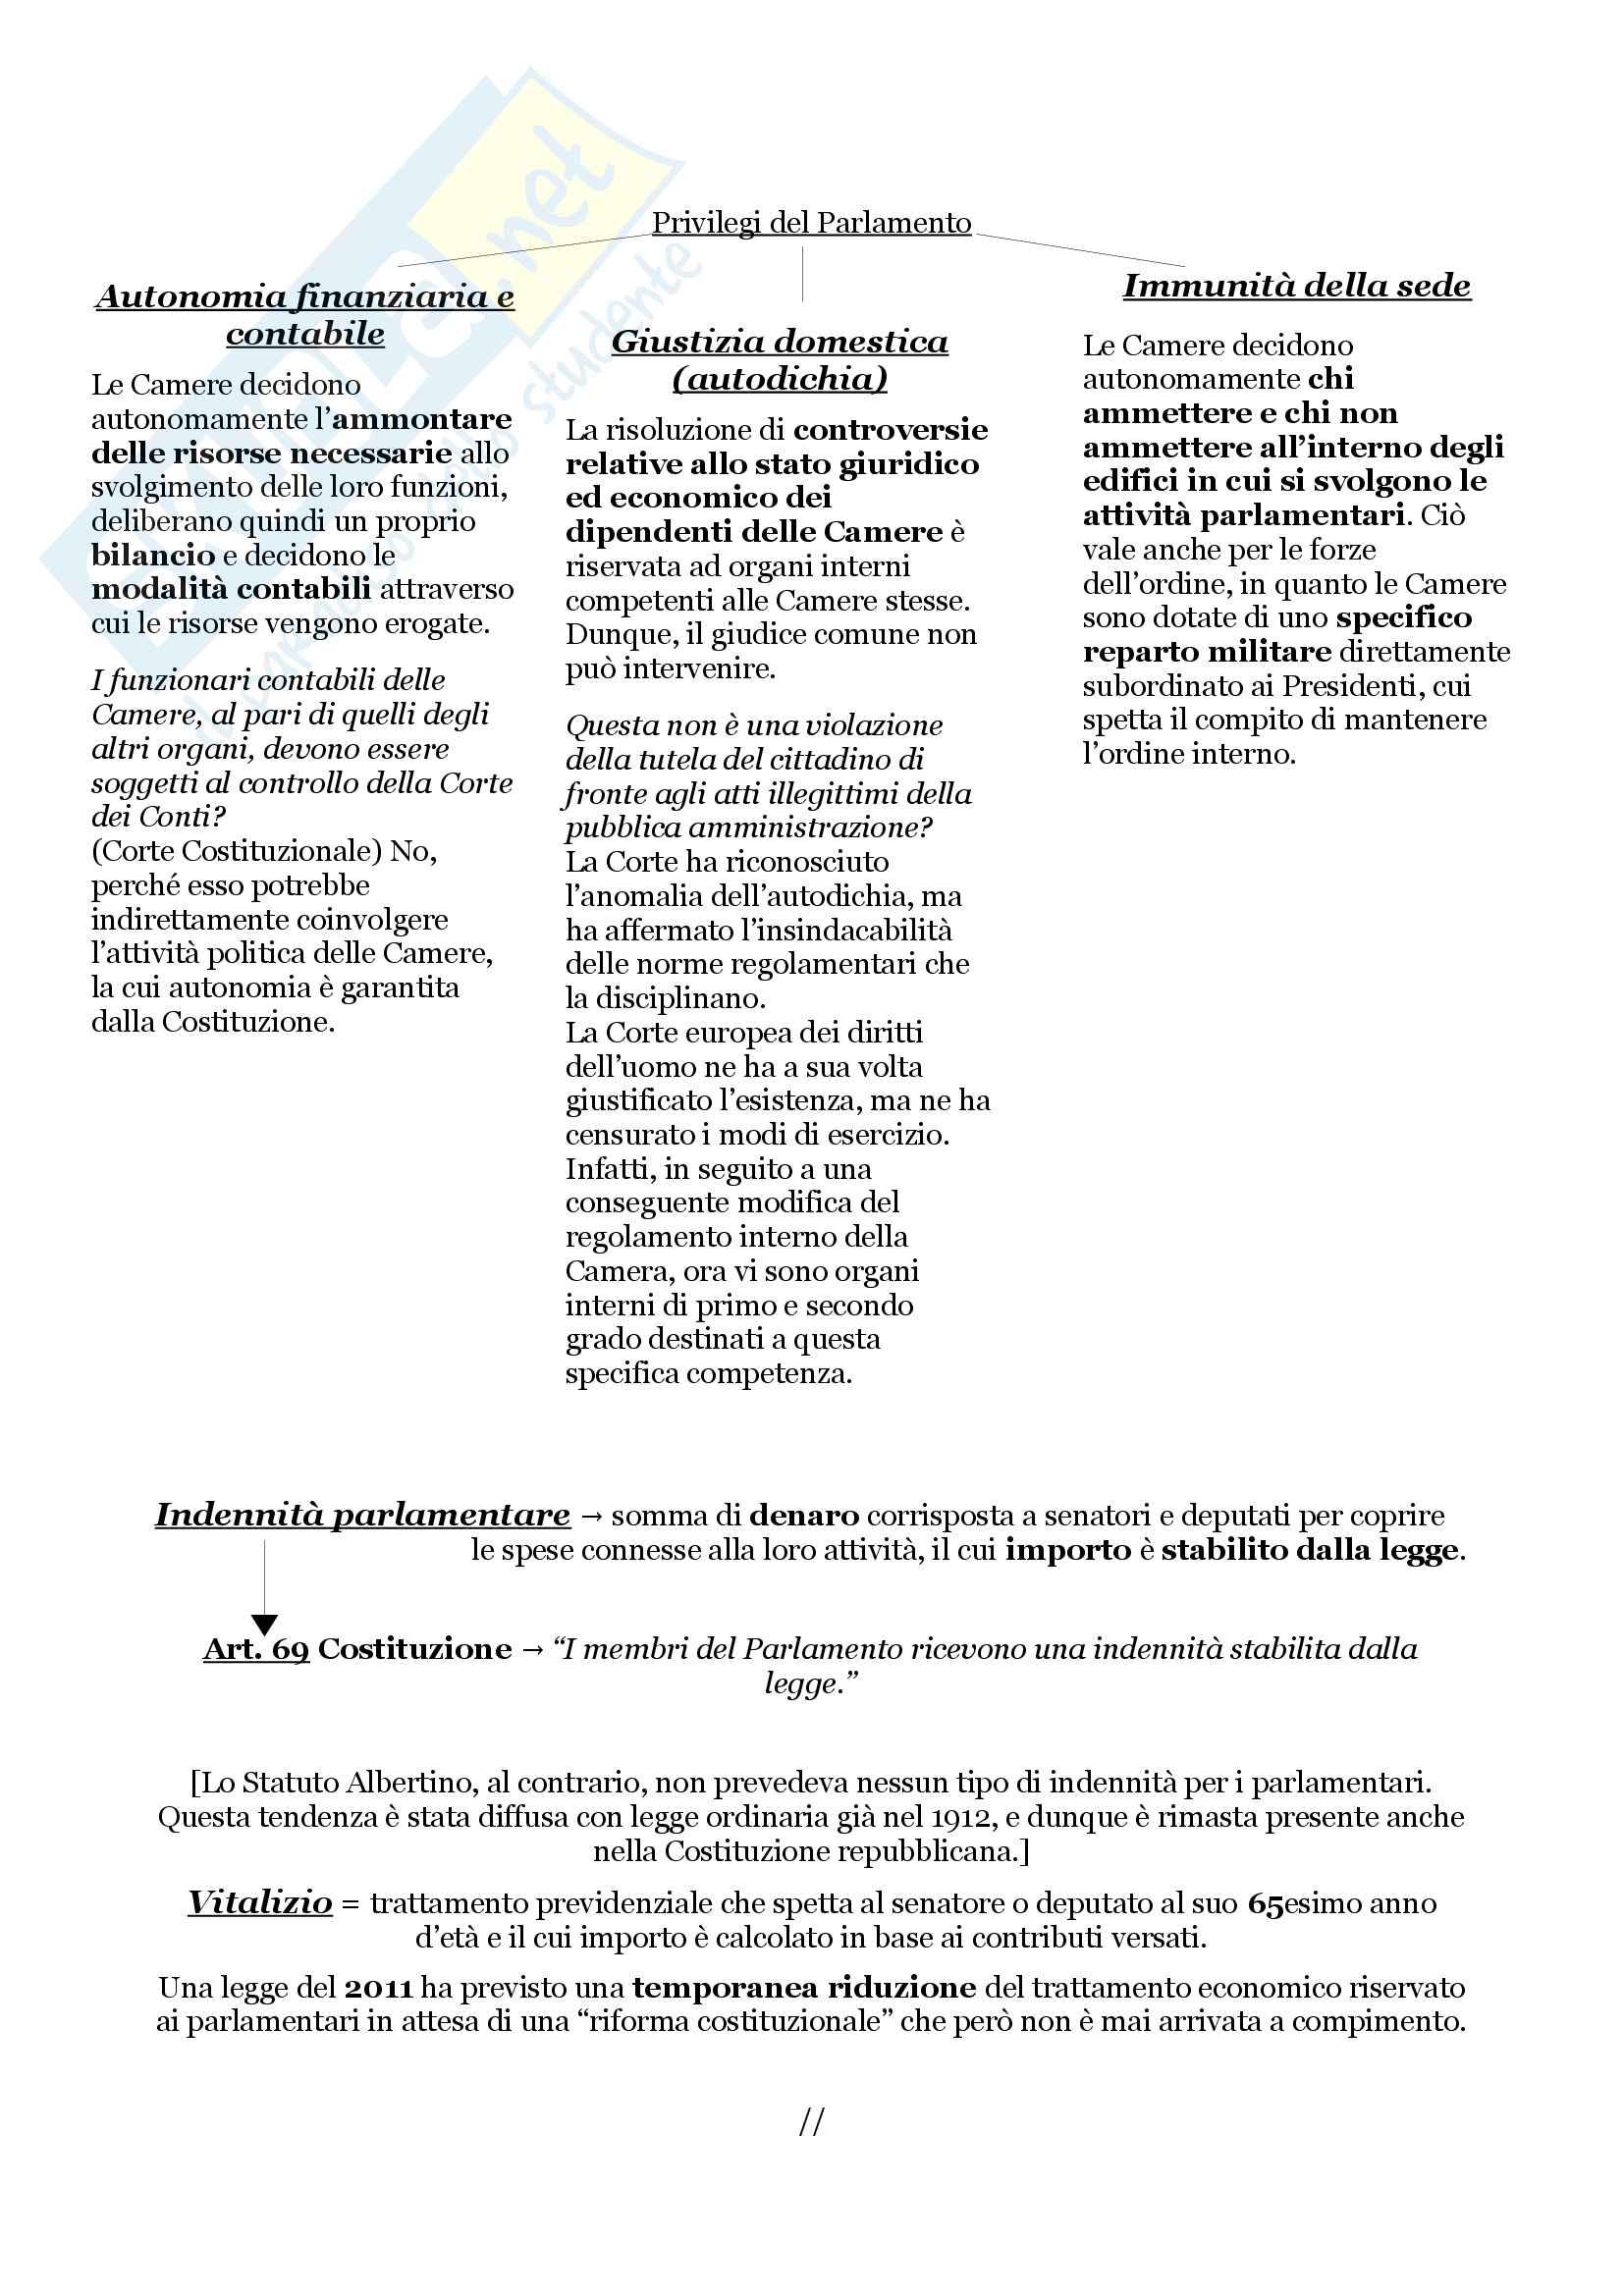 Schemi riassuntivi di istituzioni di diritto pubblico (libro di riferimento: Diritto costituzionale e pubblico, Carretti, De Siervo) Pag. 6